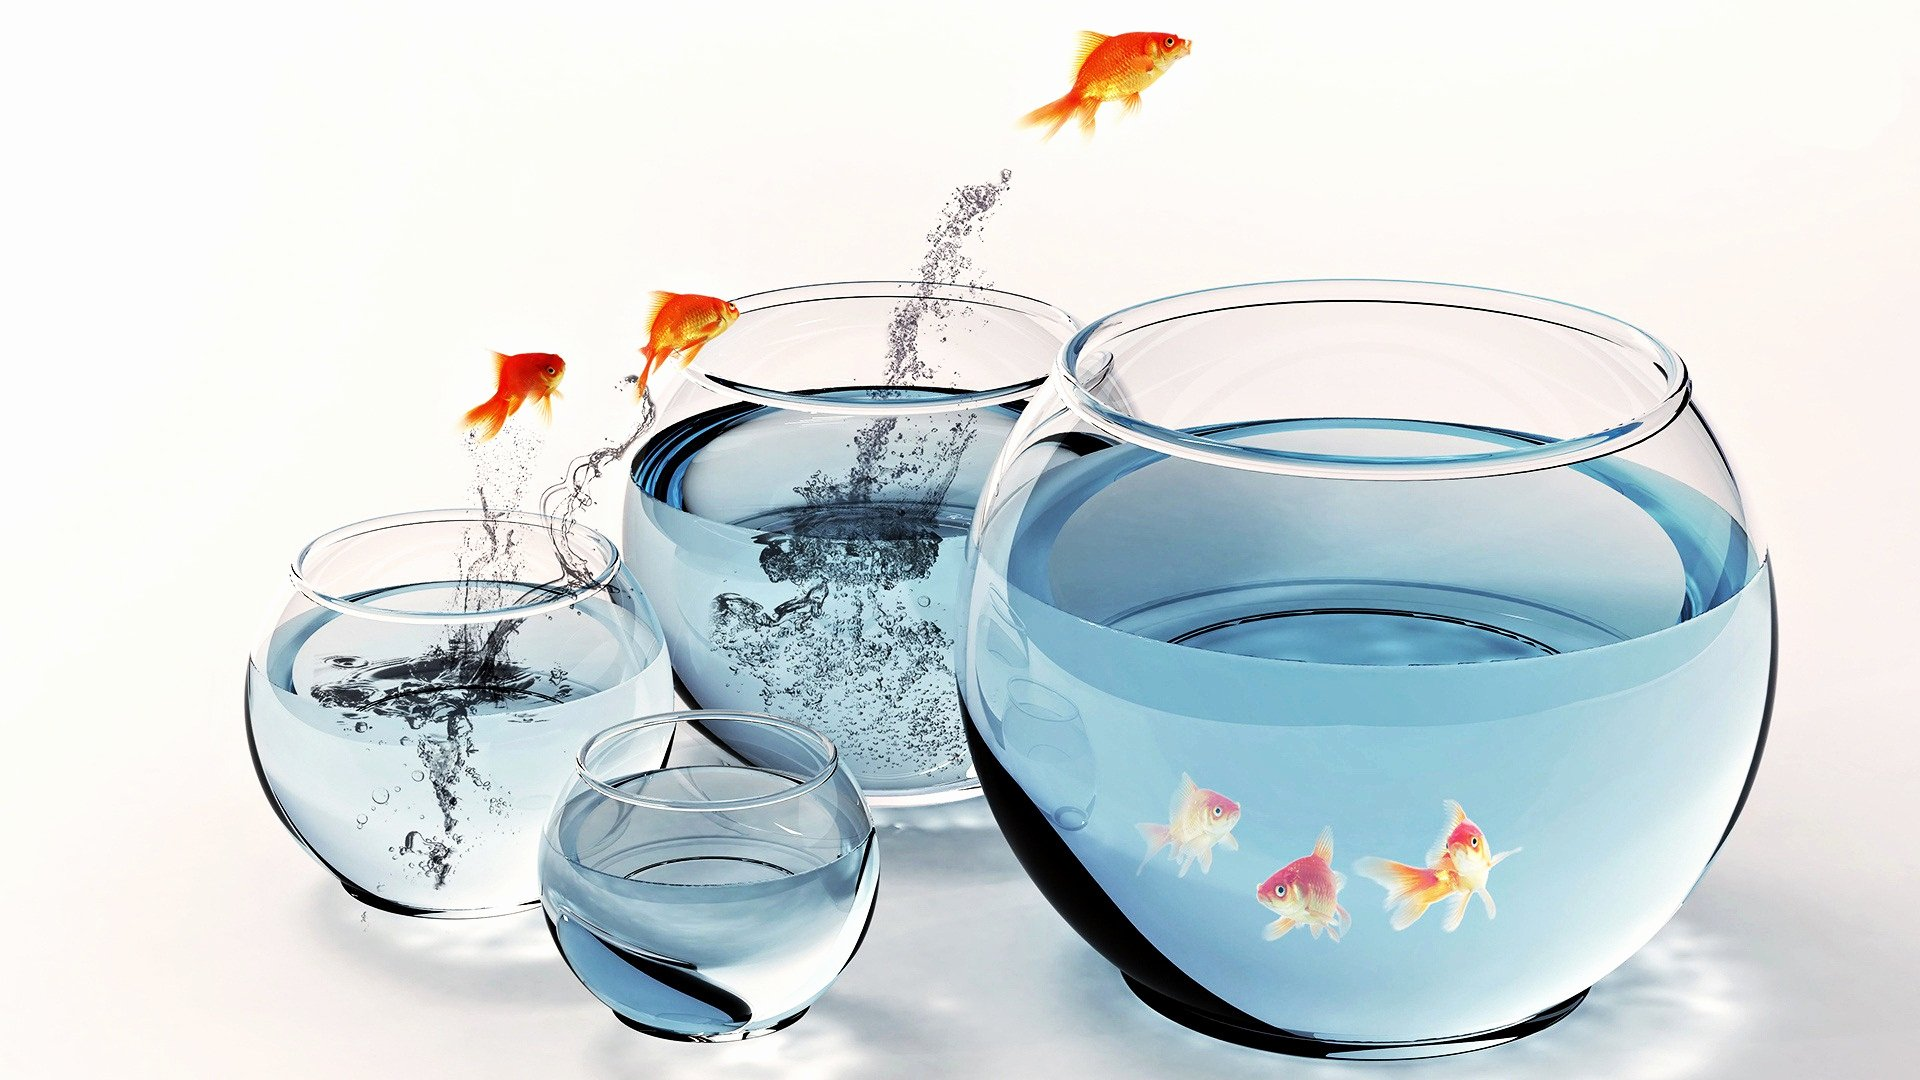 3d Fish Tank Wallpaper Inspirational Desktop Hd 3d Fish Aquarium Wallpaper Free Download